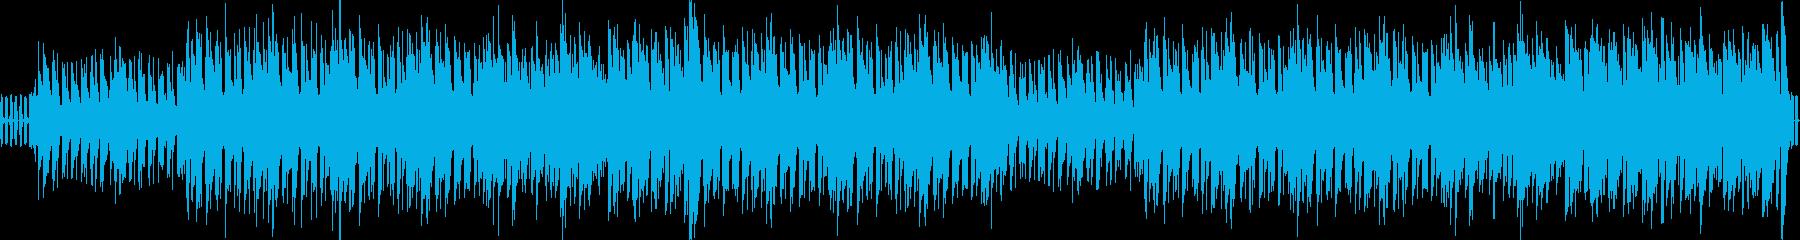 リズミカルで陽気なBGMの再生済みの波形